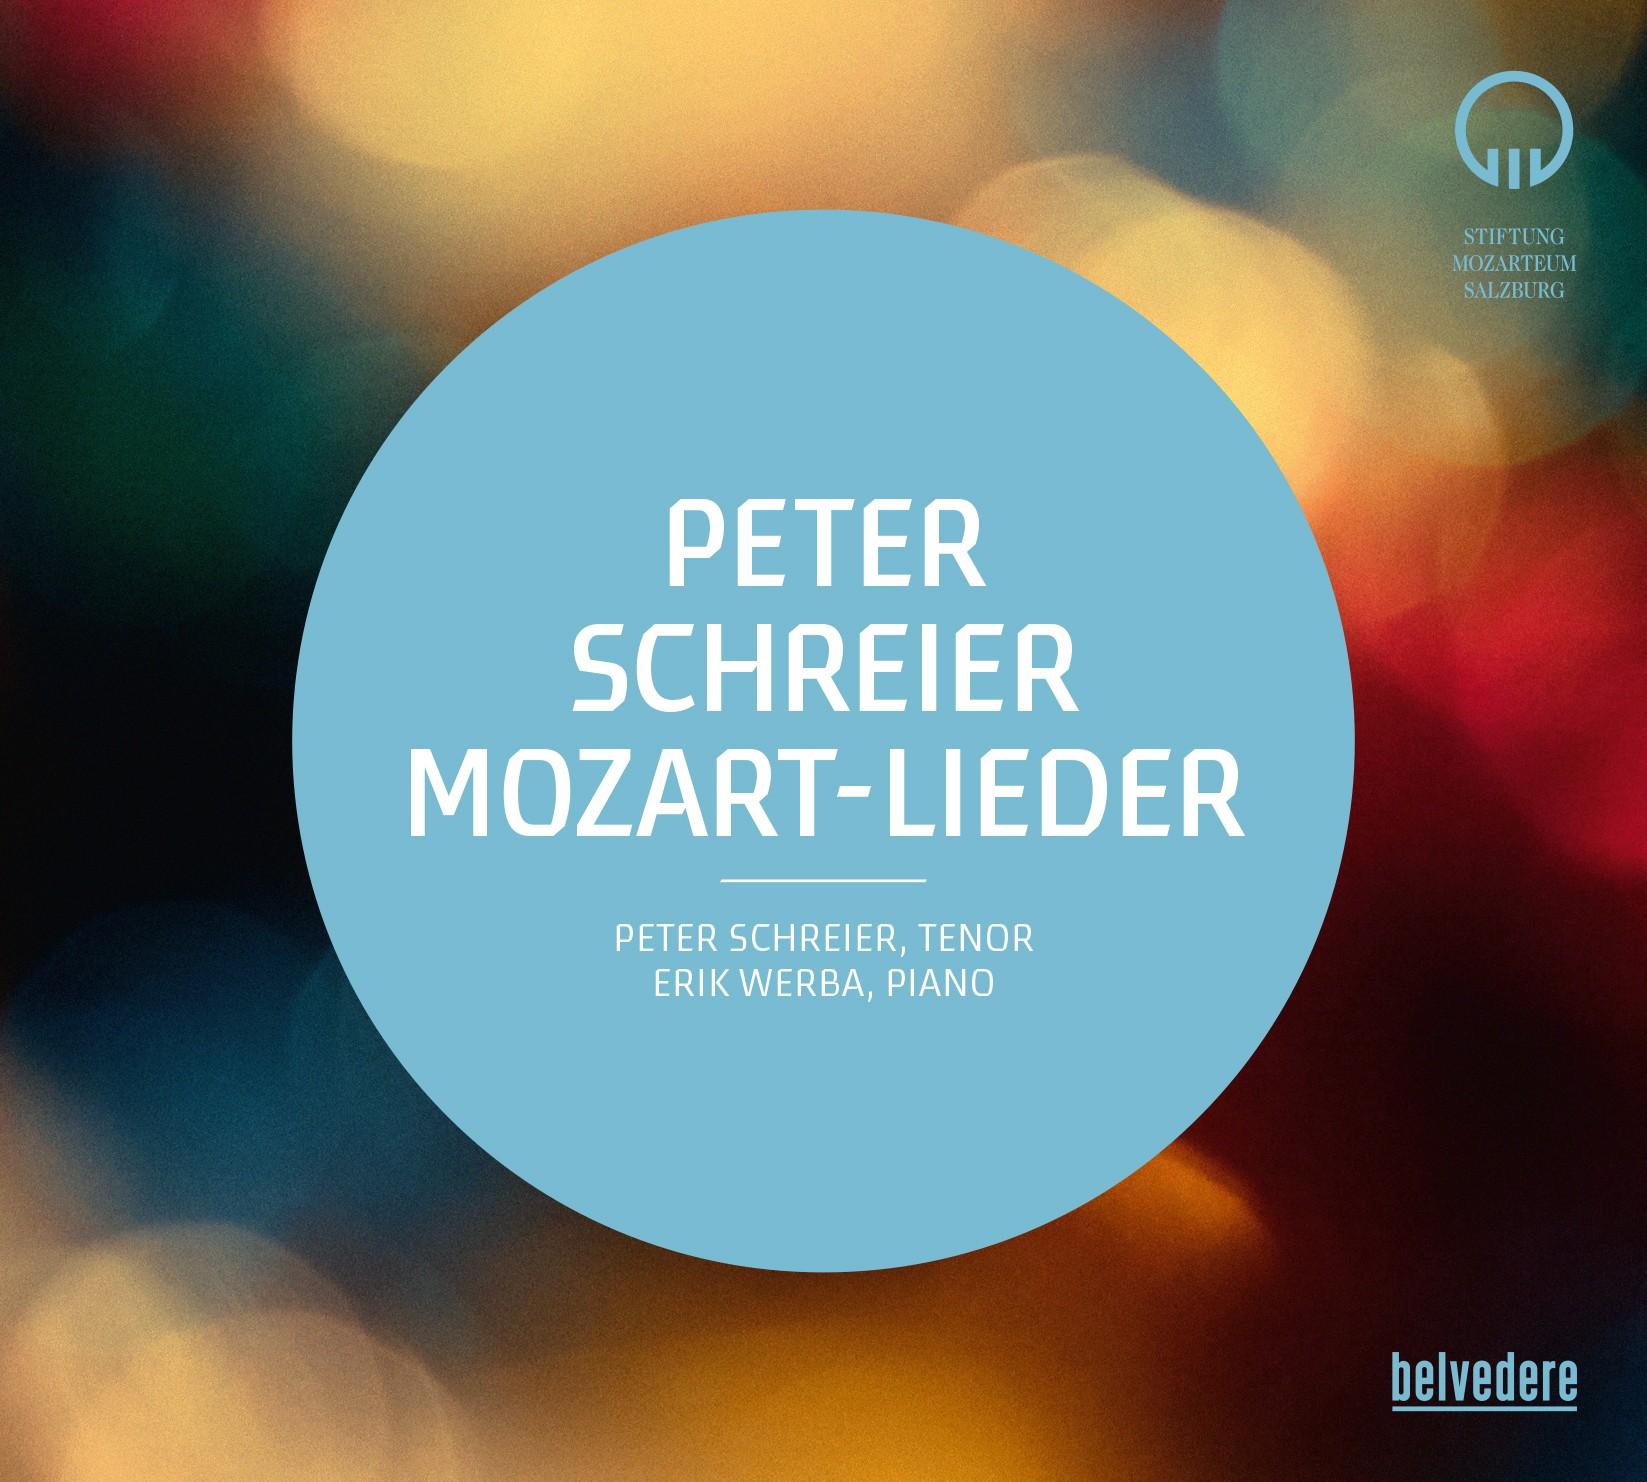 CD: Peter Schreier Mozart-Lieder